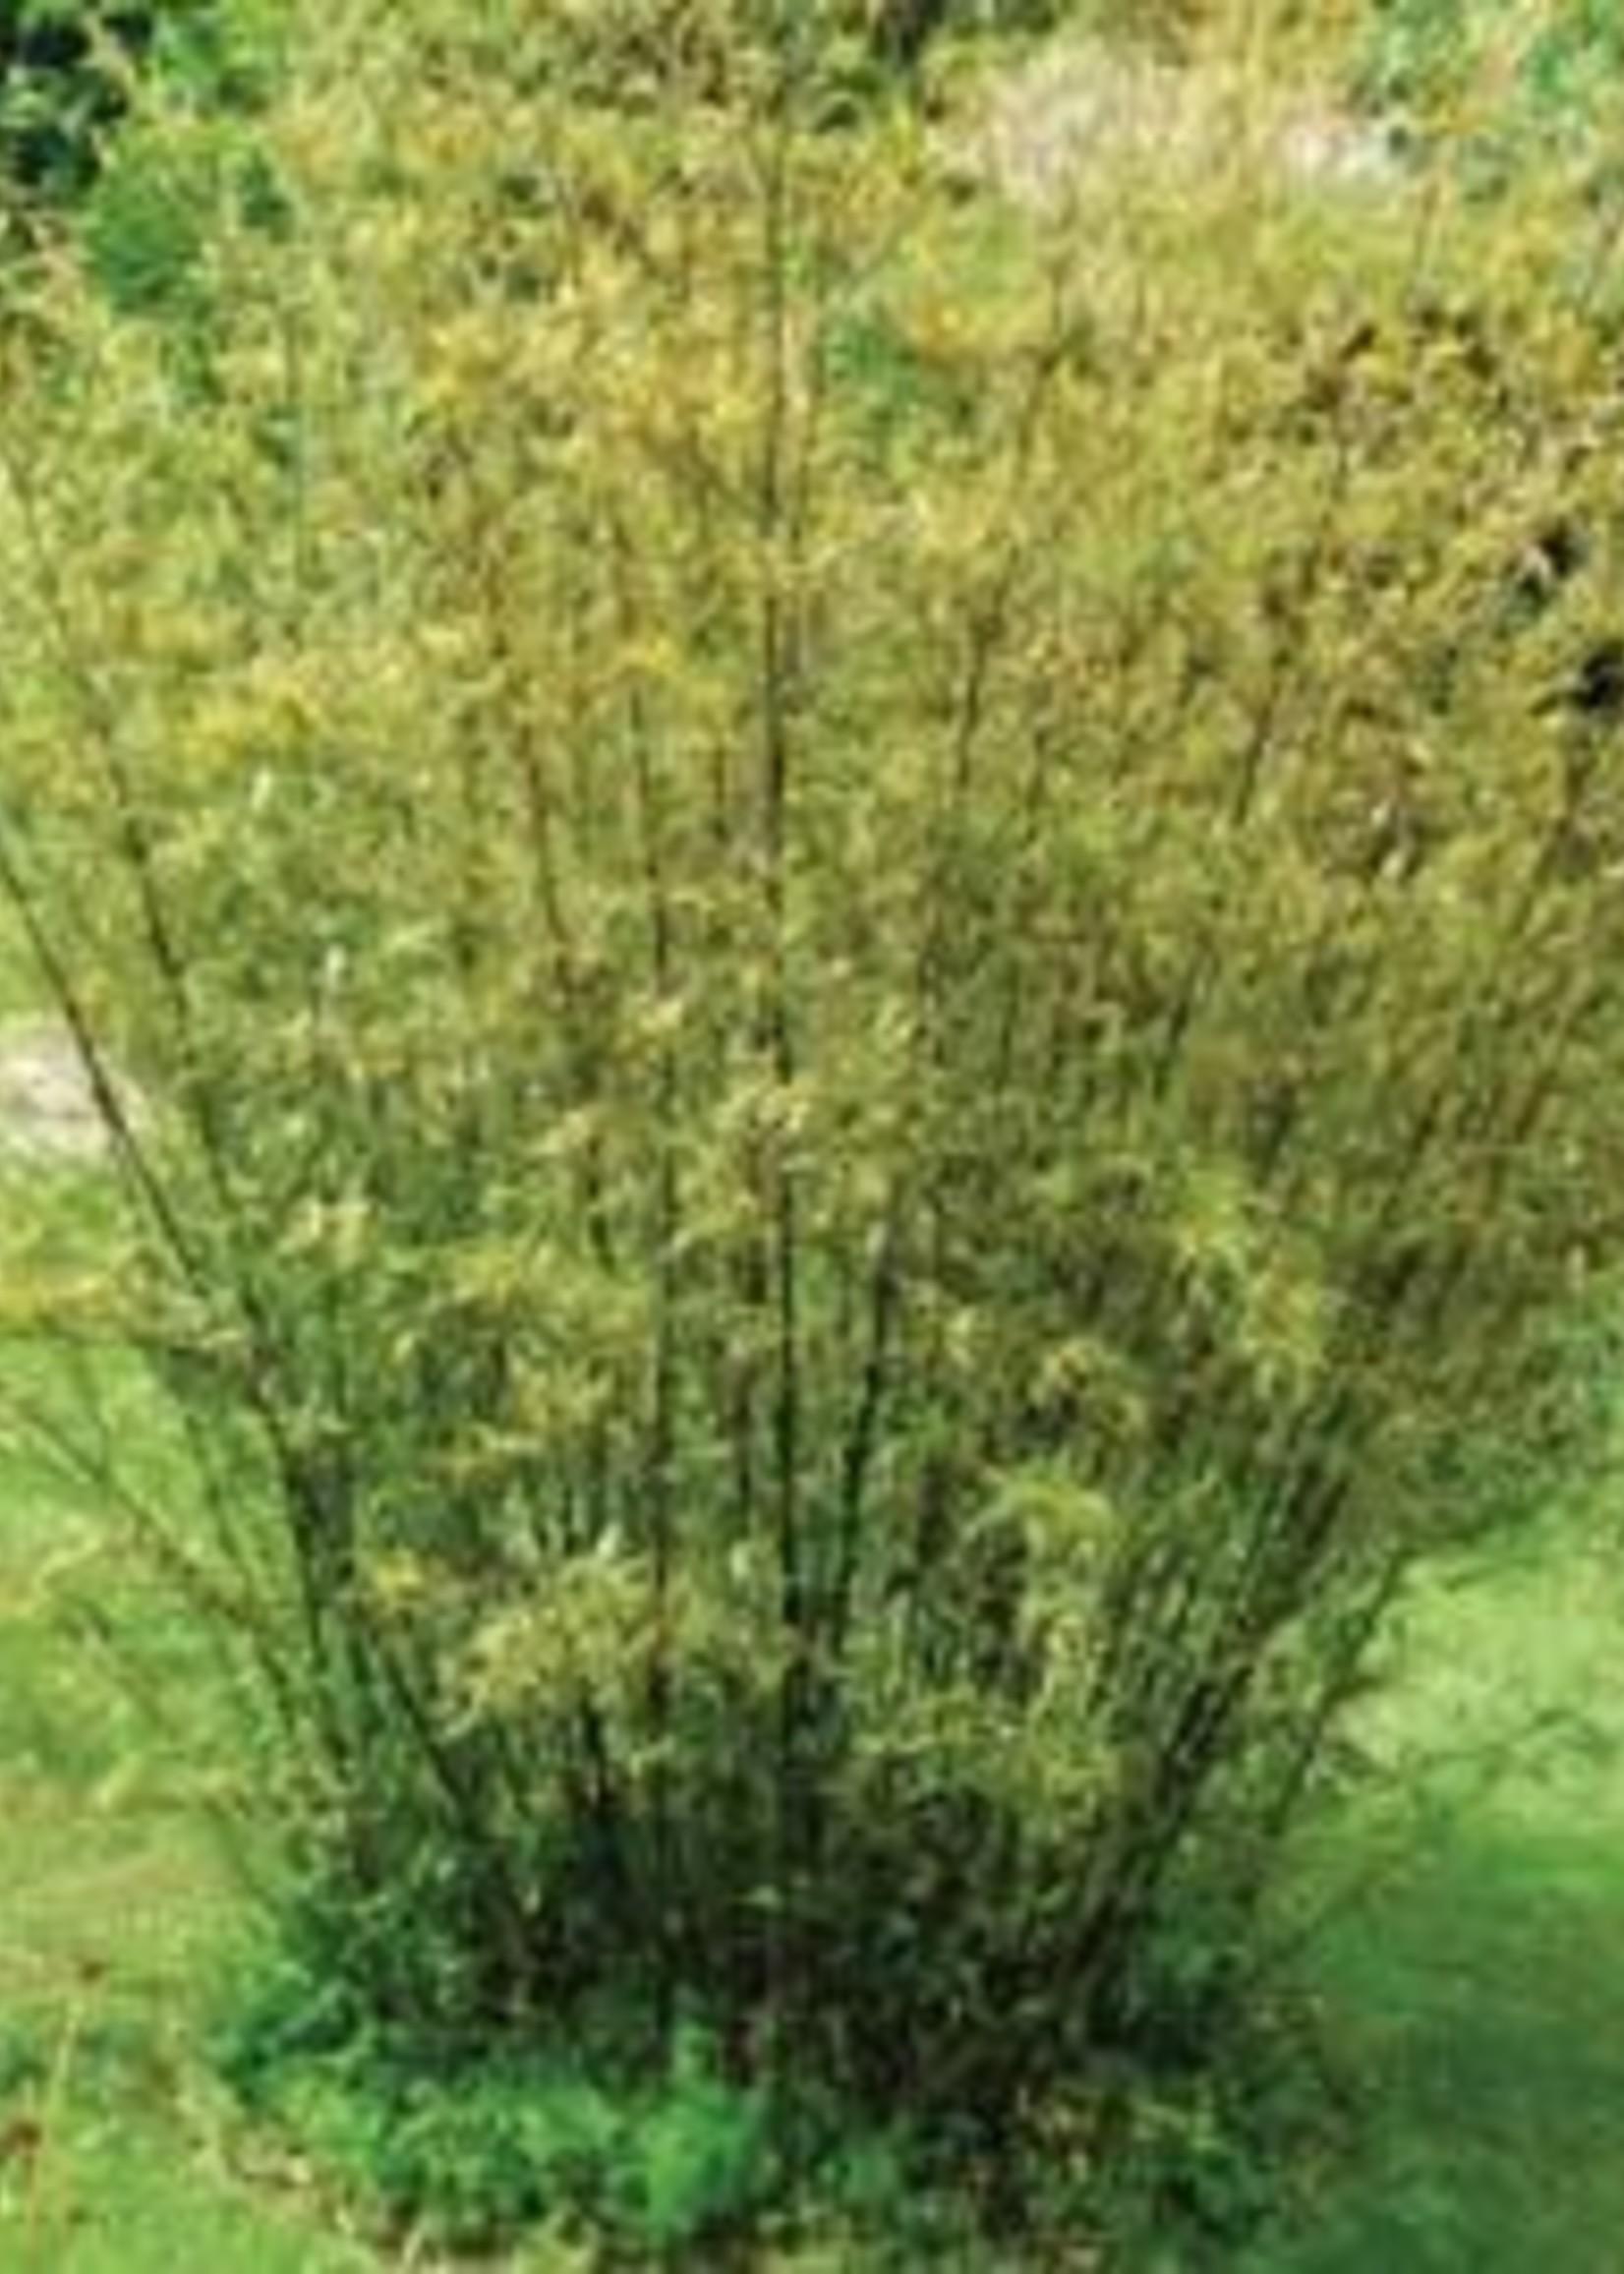 Bamboo, Golden Goddess 5G